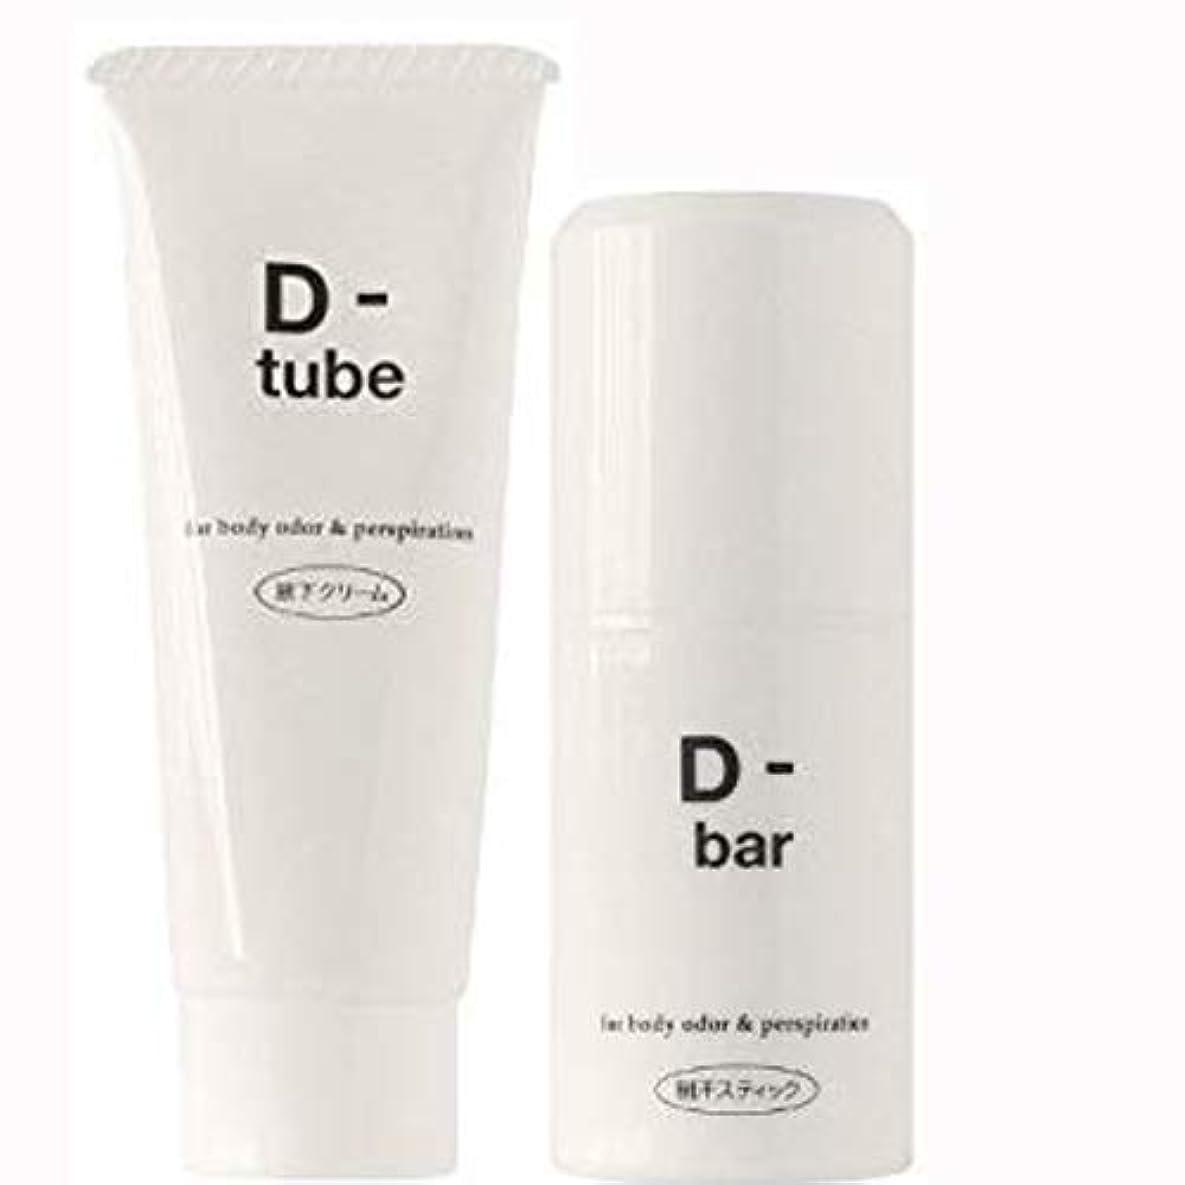 統治可能プレミア引き潮【セット】ディーチューブ(D-tube)+ディーバーセット(4511116760024+4511116760017)